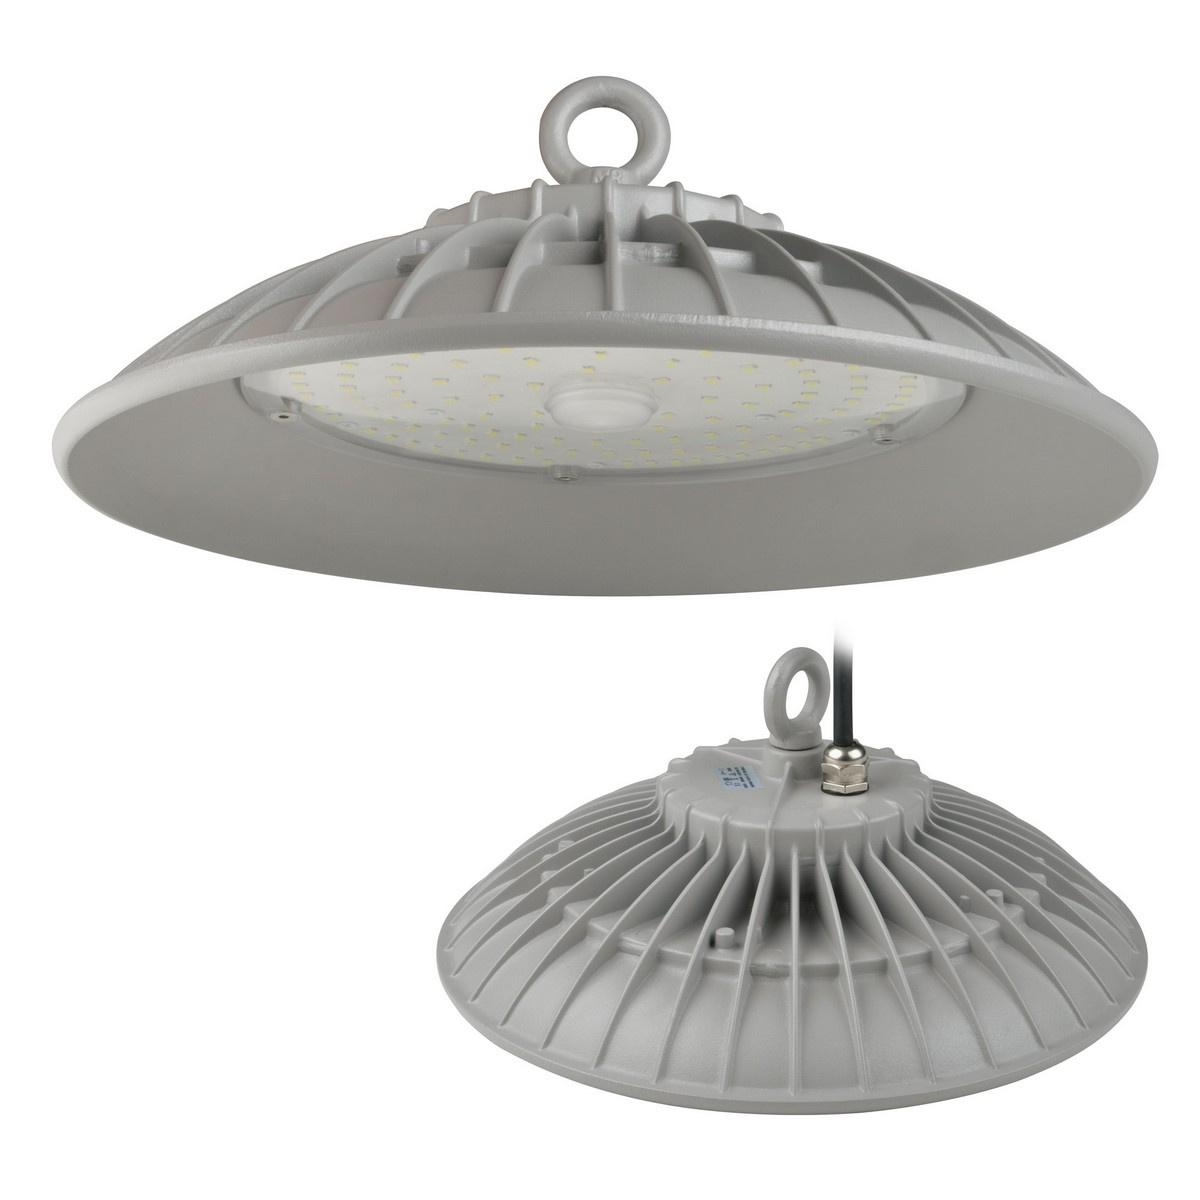 Подвесной светодиодный светильник (UL-00003184) Uniel ULY-U33B-200W/DW IP65 Silver подвесной светодиодный светильник ul 00002057 uniel uly u30b 100w dw ip65 silver